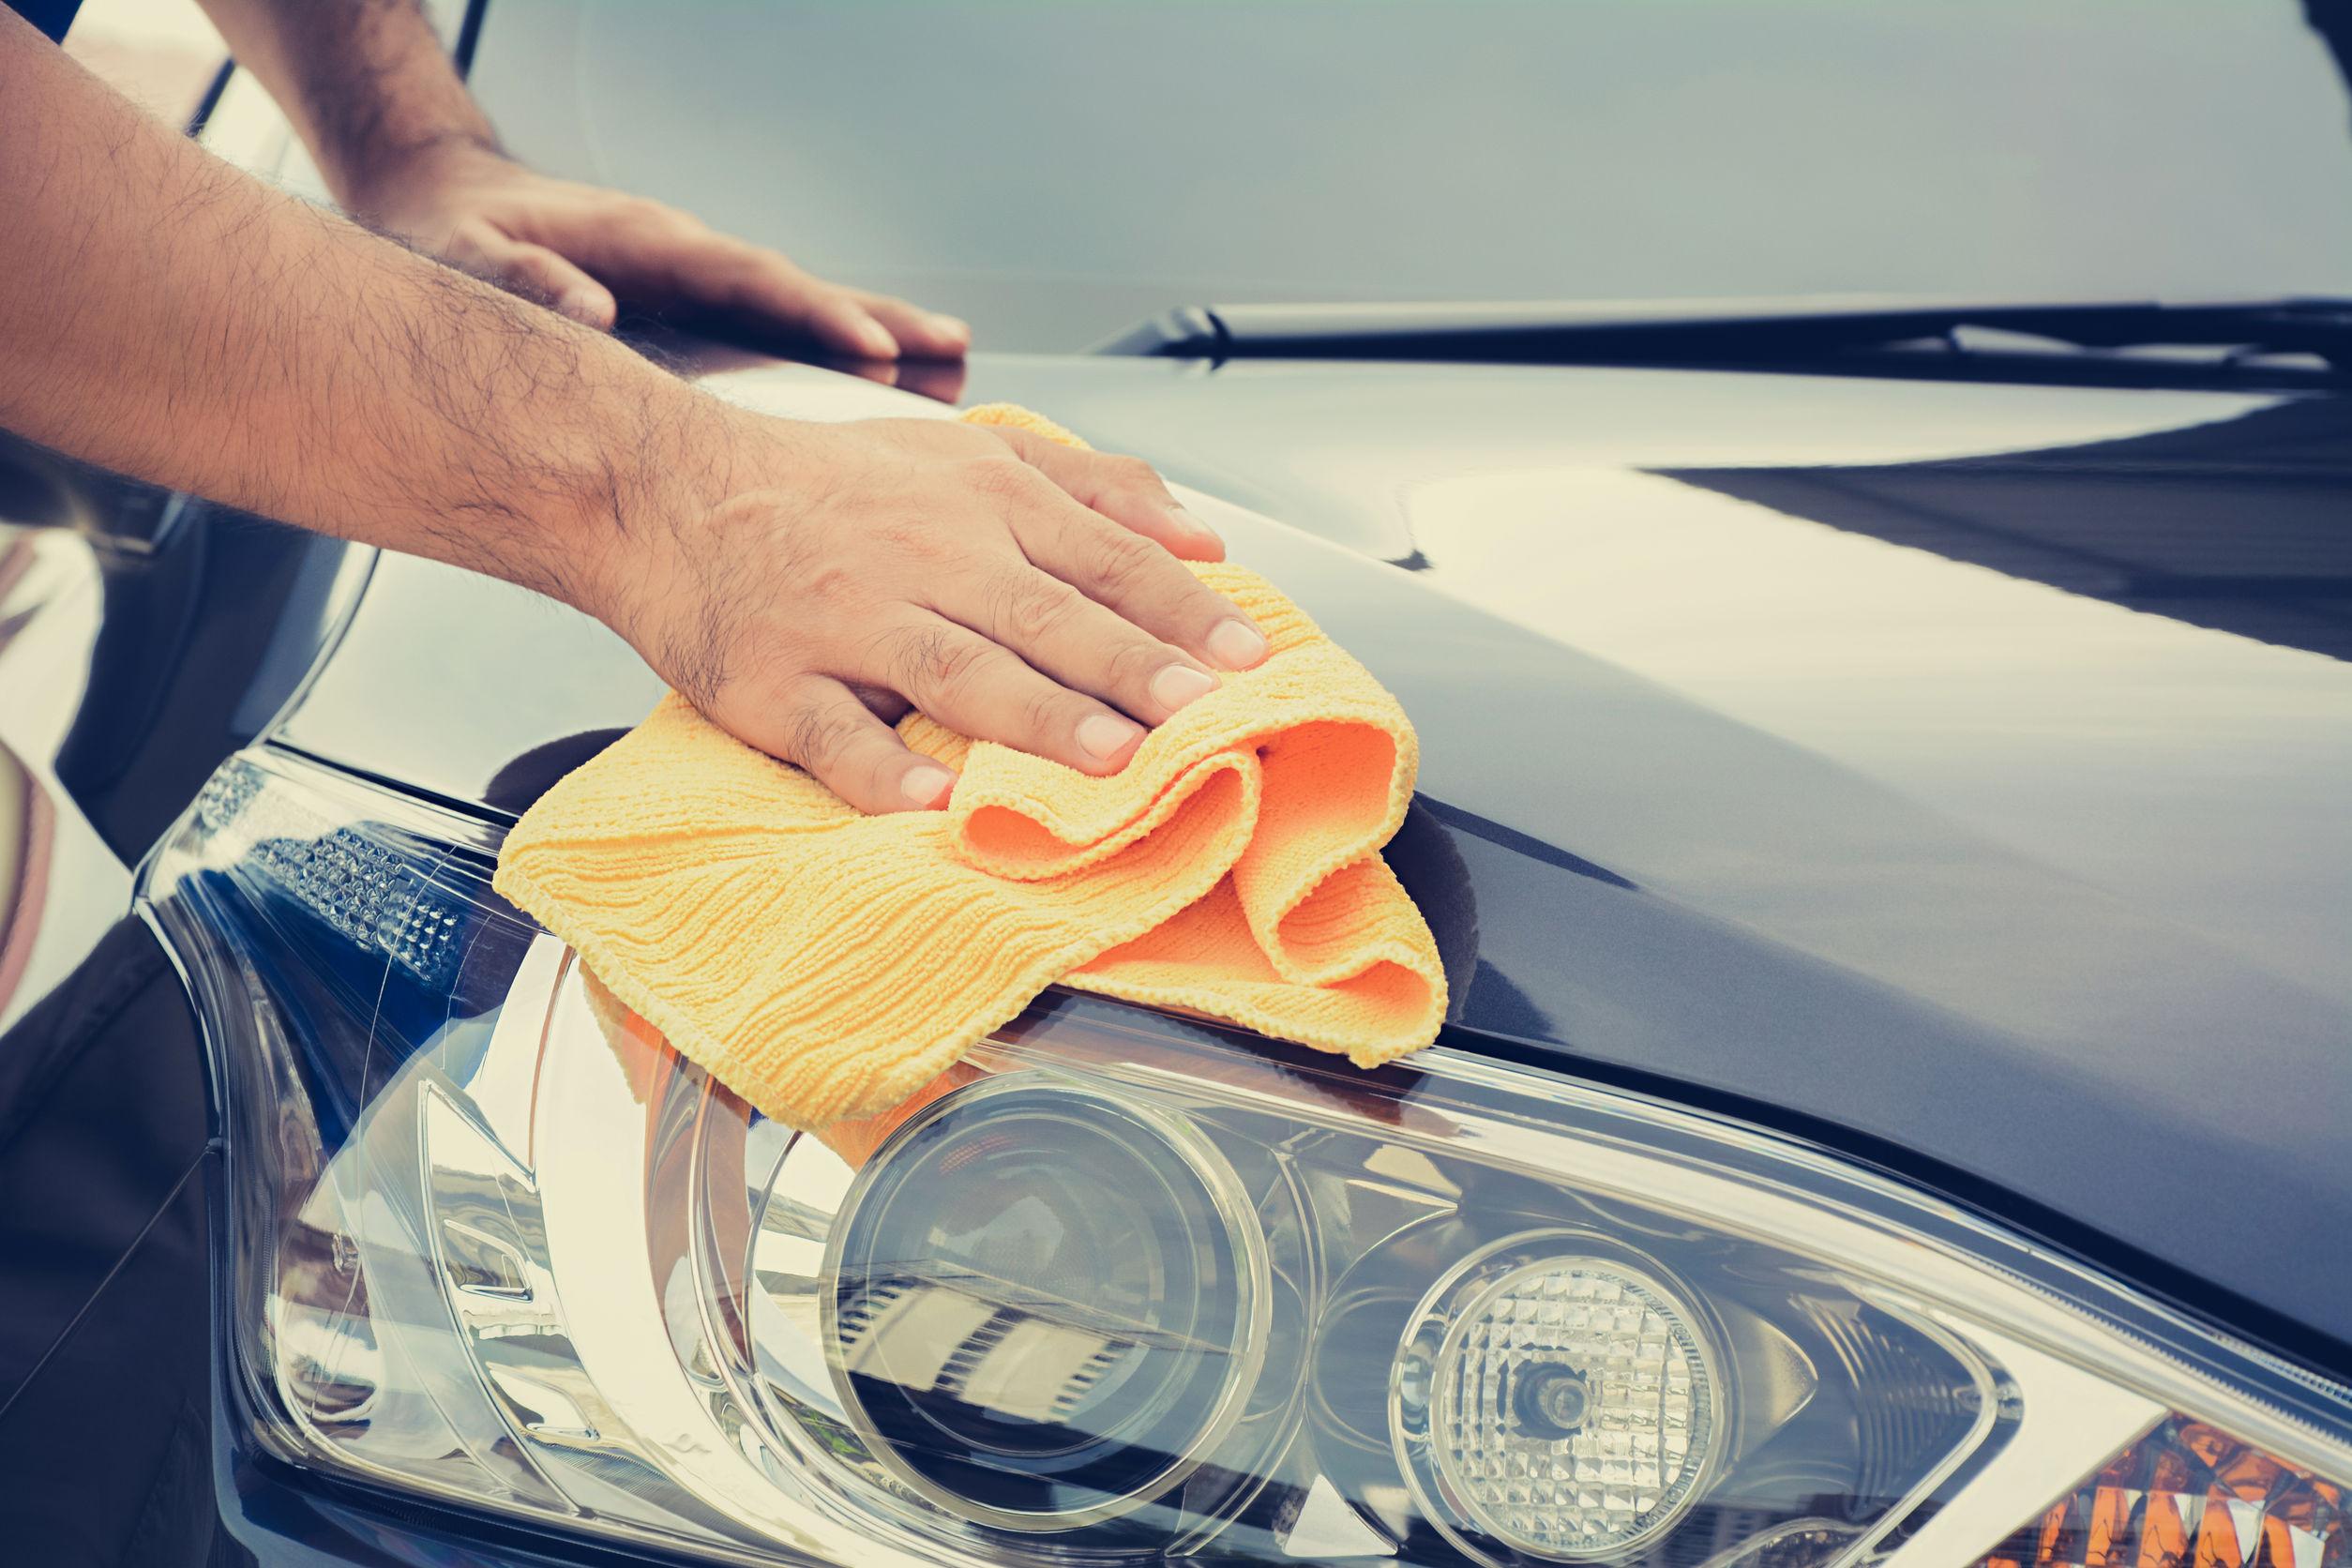 Aprende a desinfectar y limpiar tu furgoneta de trabajo